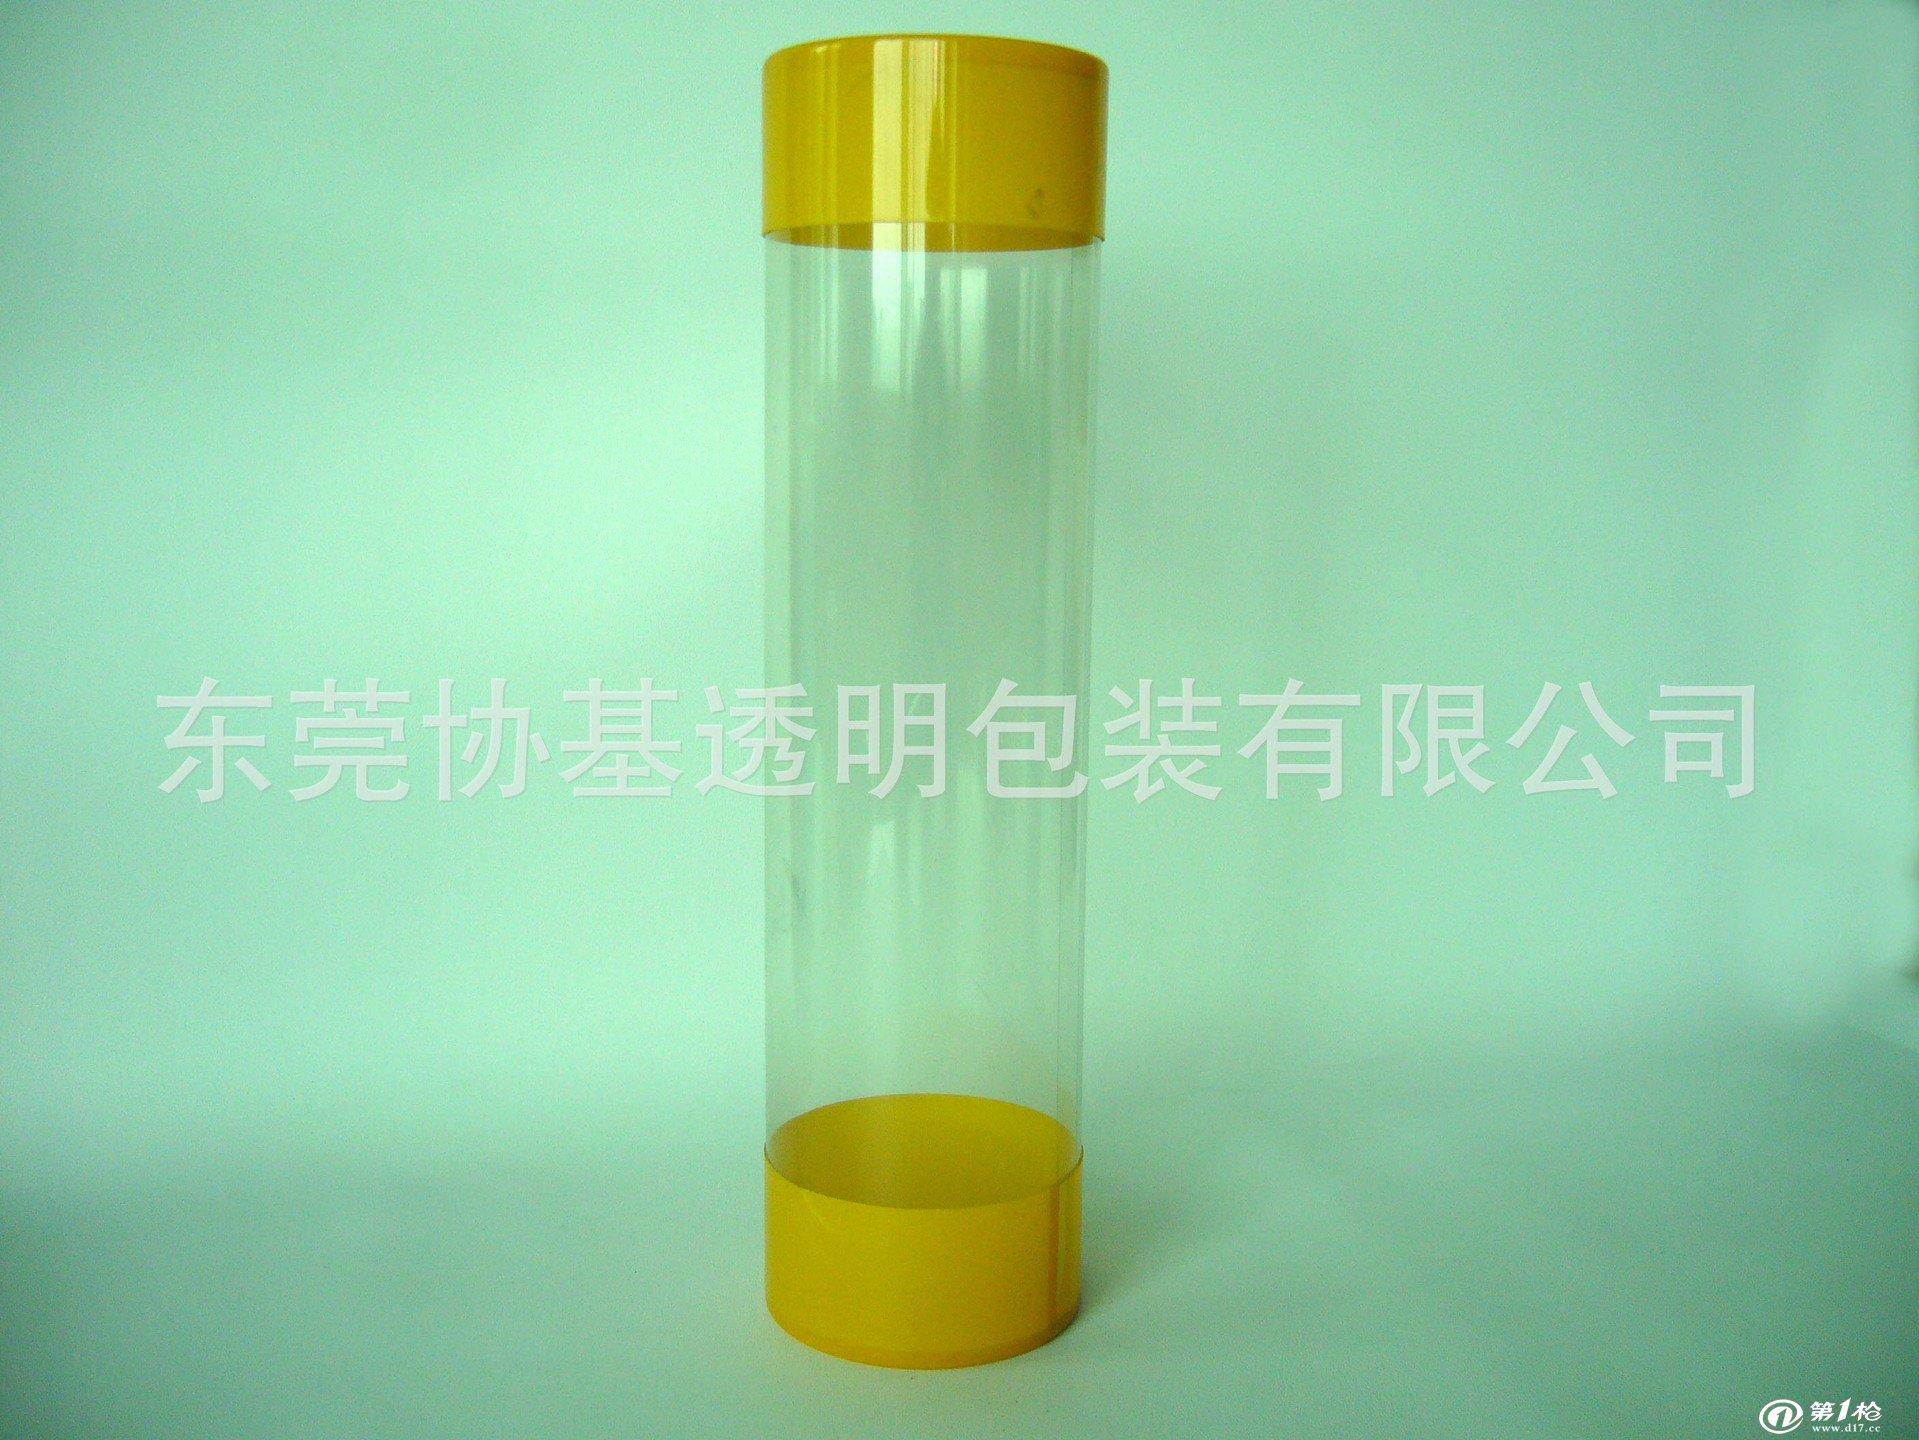 供应pvc透明圆型包装盒,圆筒盒,pet卷边pvc筒